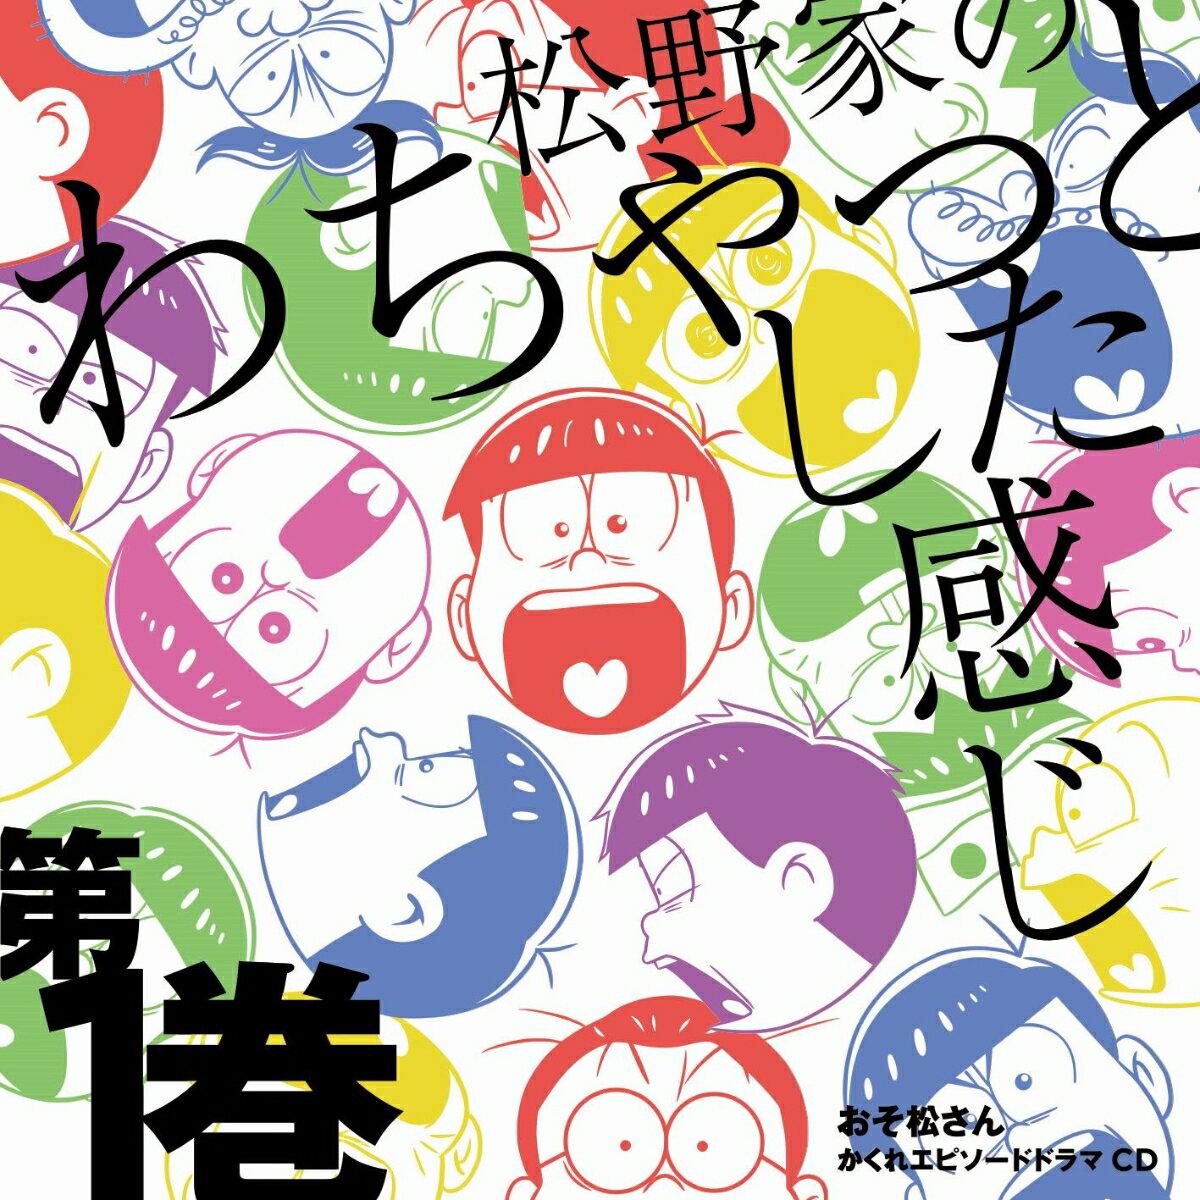 おそ松さん かくれエピソードドラマCD 「松野家のわちゃっとした感じ」第1巻画像